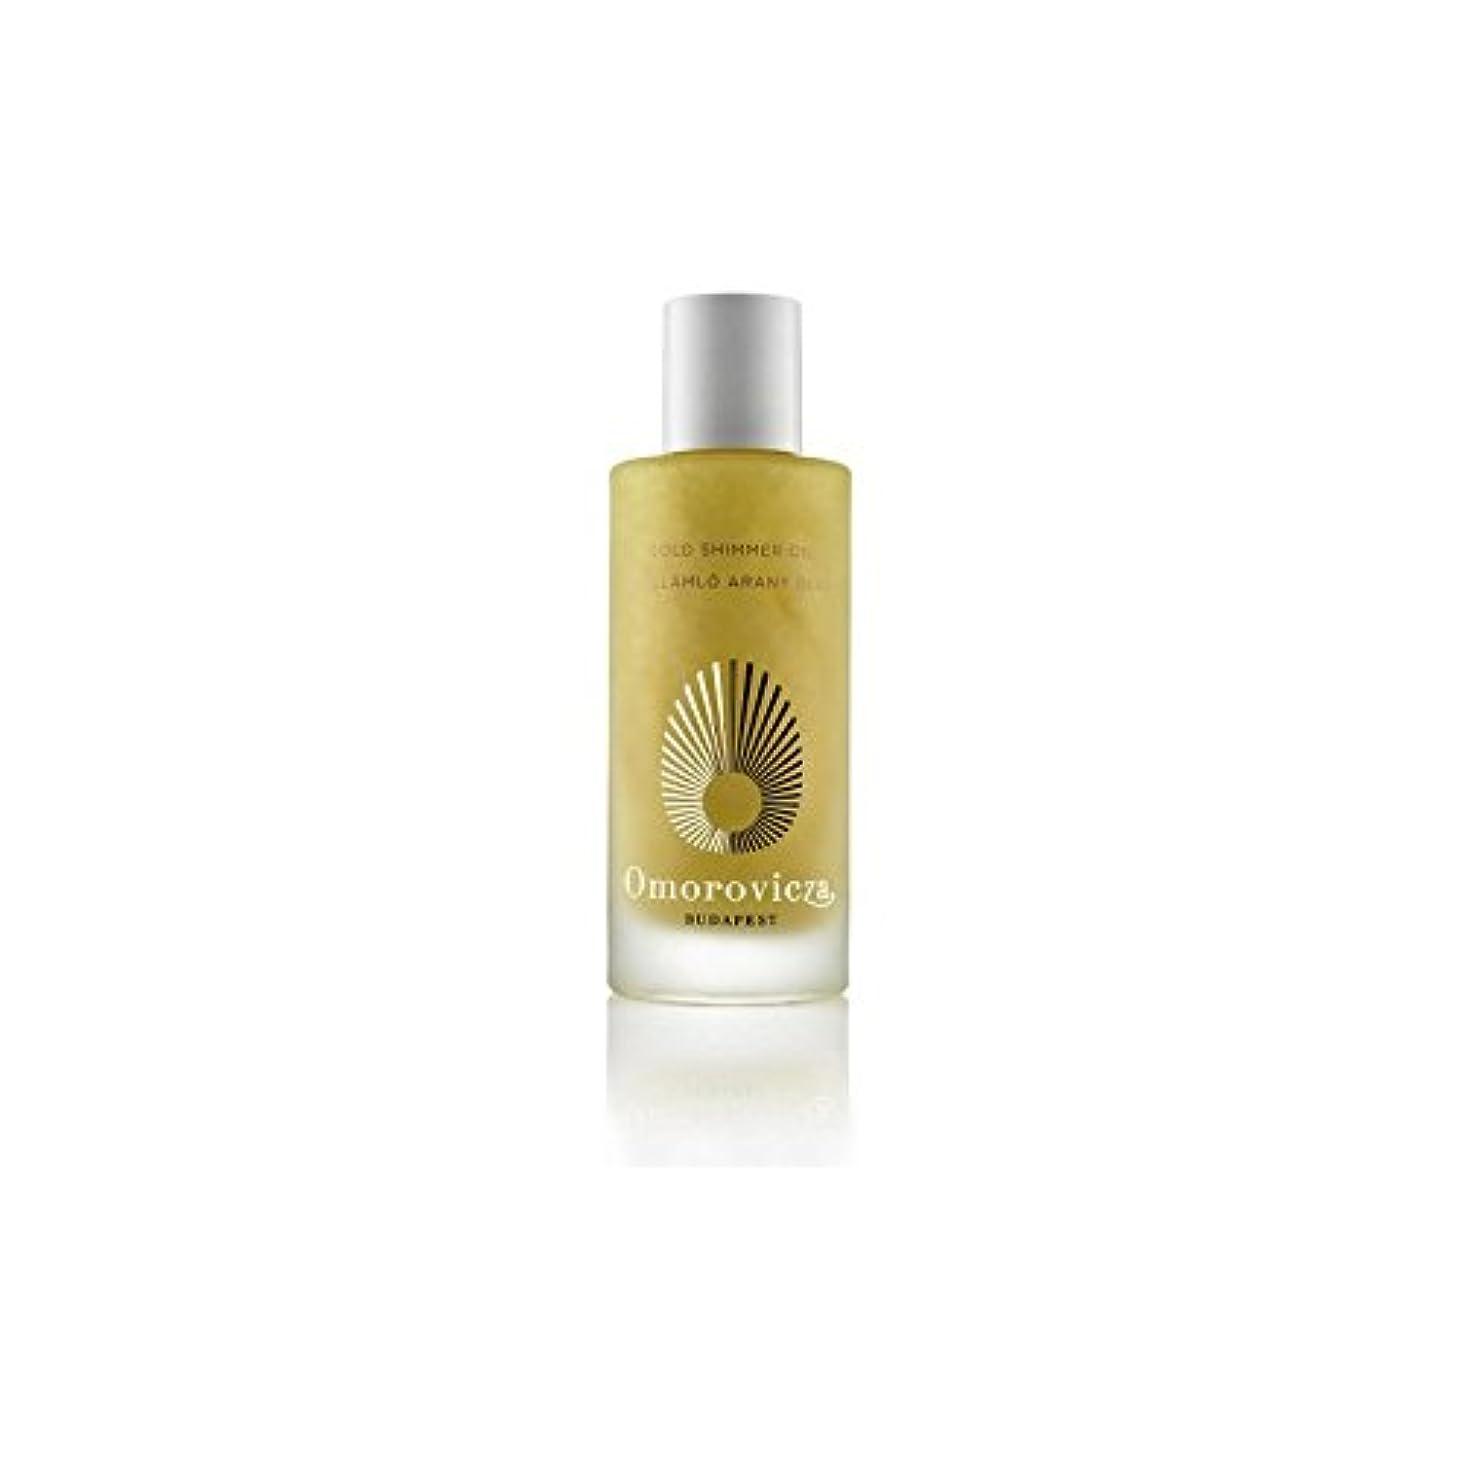 リール兵器庫十Omorovicza Gold Shimmer Oil (100ml) (Pack of 6) - ゴールドシマーオイル(100ミリリットル) x6 [並行輸入品]